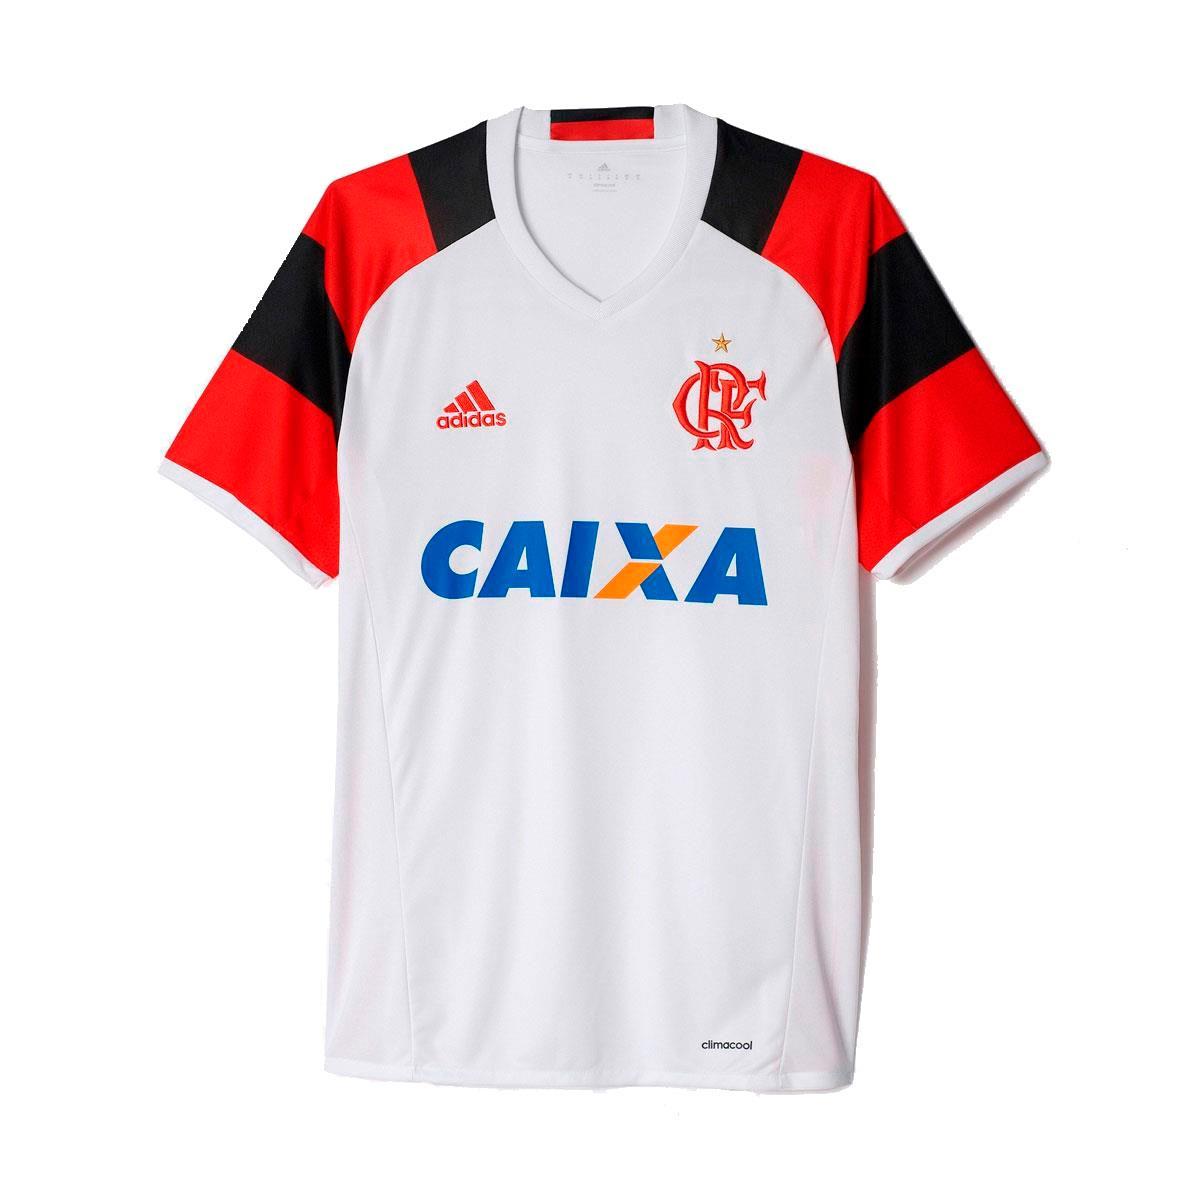 bb38c7c2d25 Camisa Adidas Flamengo II 2016 2017 Tocedor Masculina